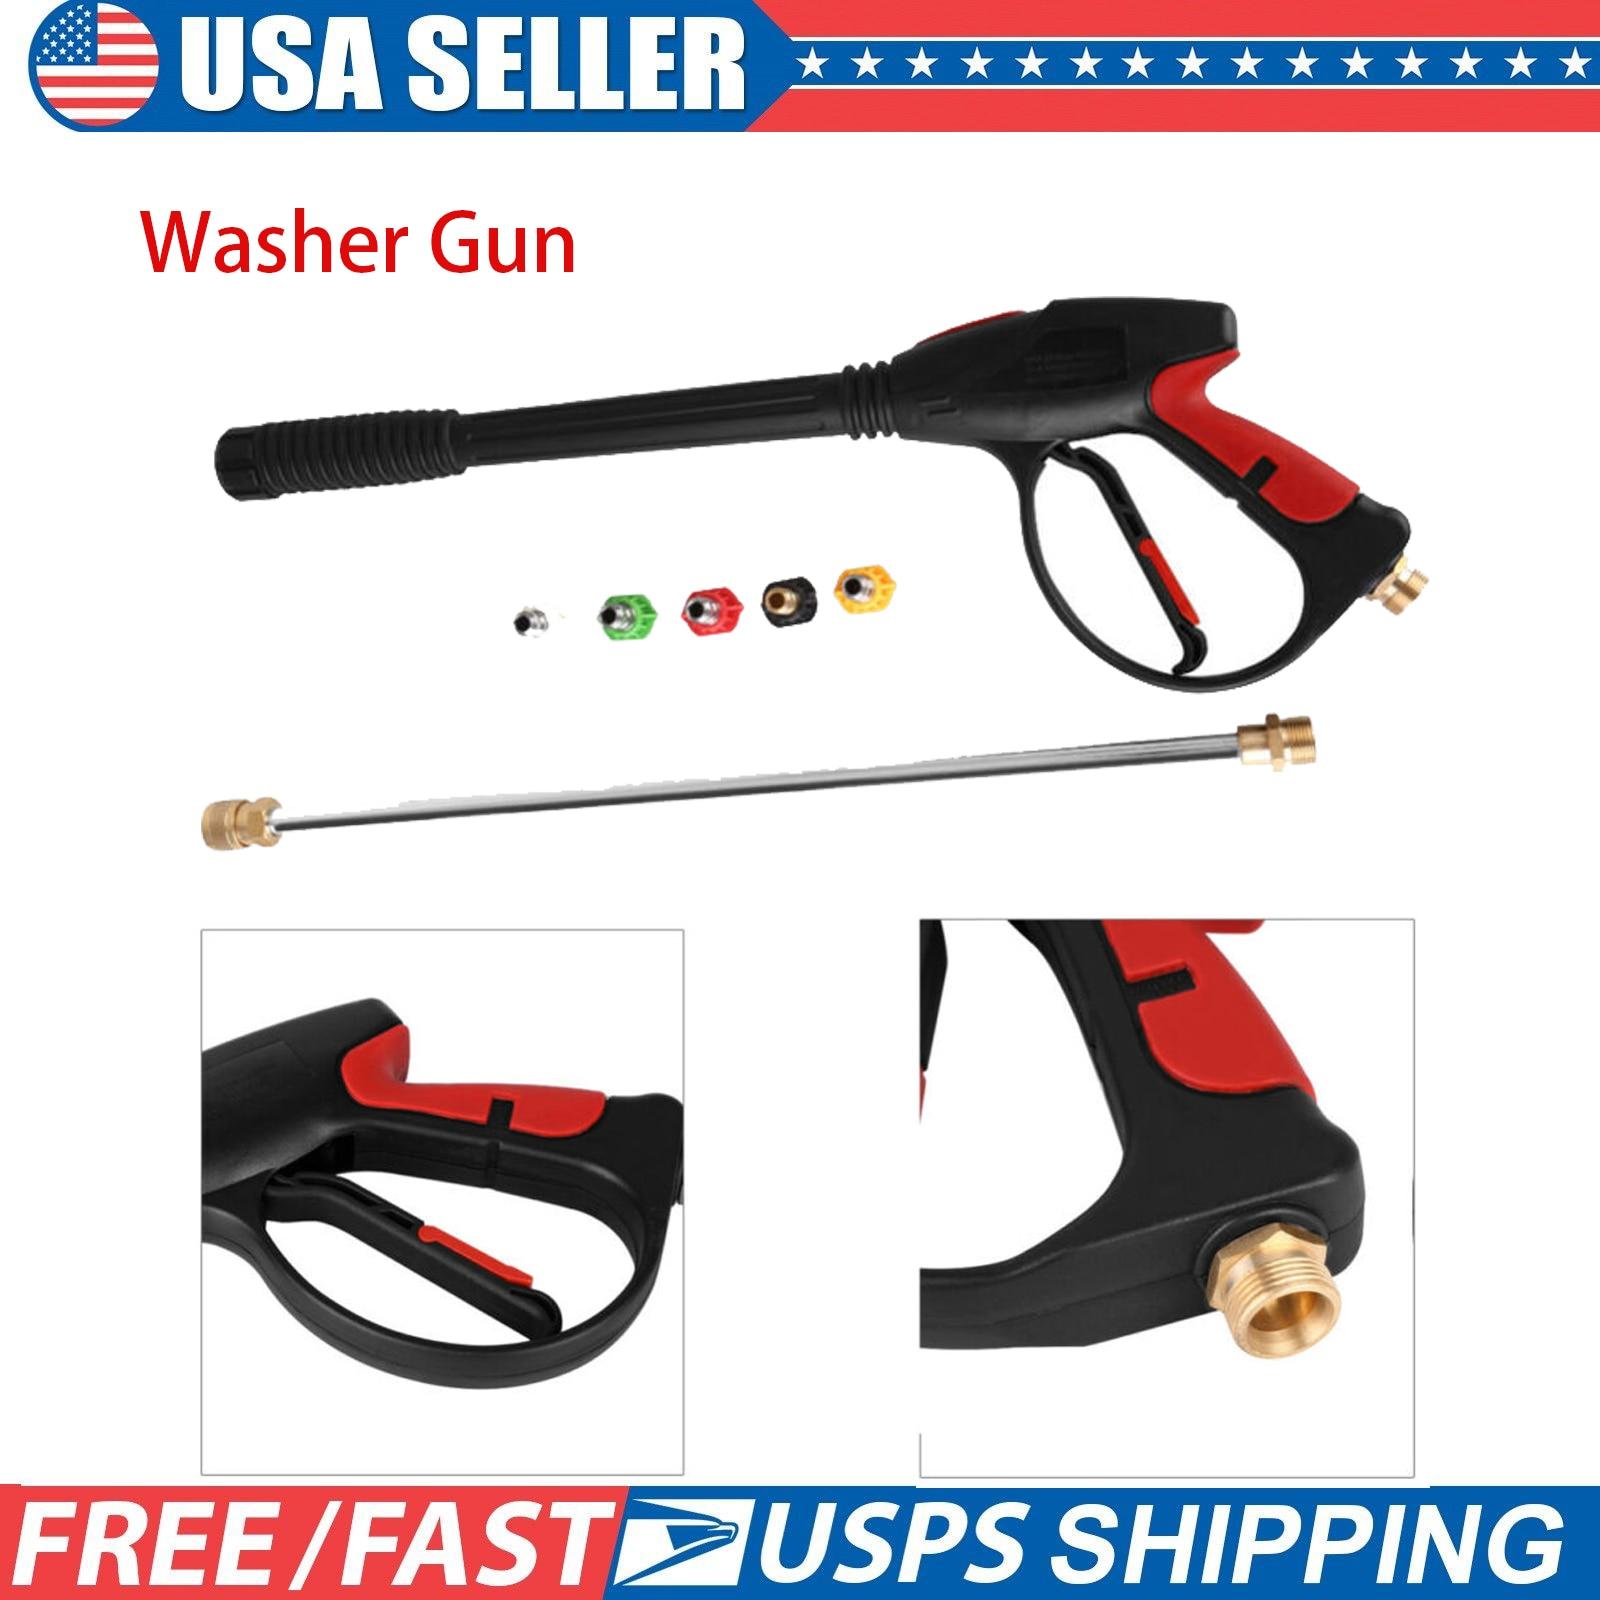 Max 4000 PSI Hochdruck Reiniger 1/2 zoll BSP Gewinde Washer Spray Garten Wasser Jet Auto Staub Waschen Werkzeug Mit 5 düsen